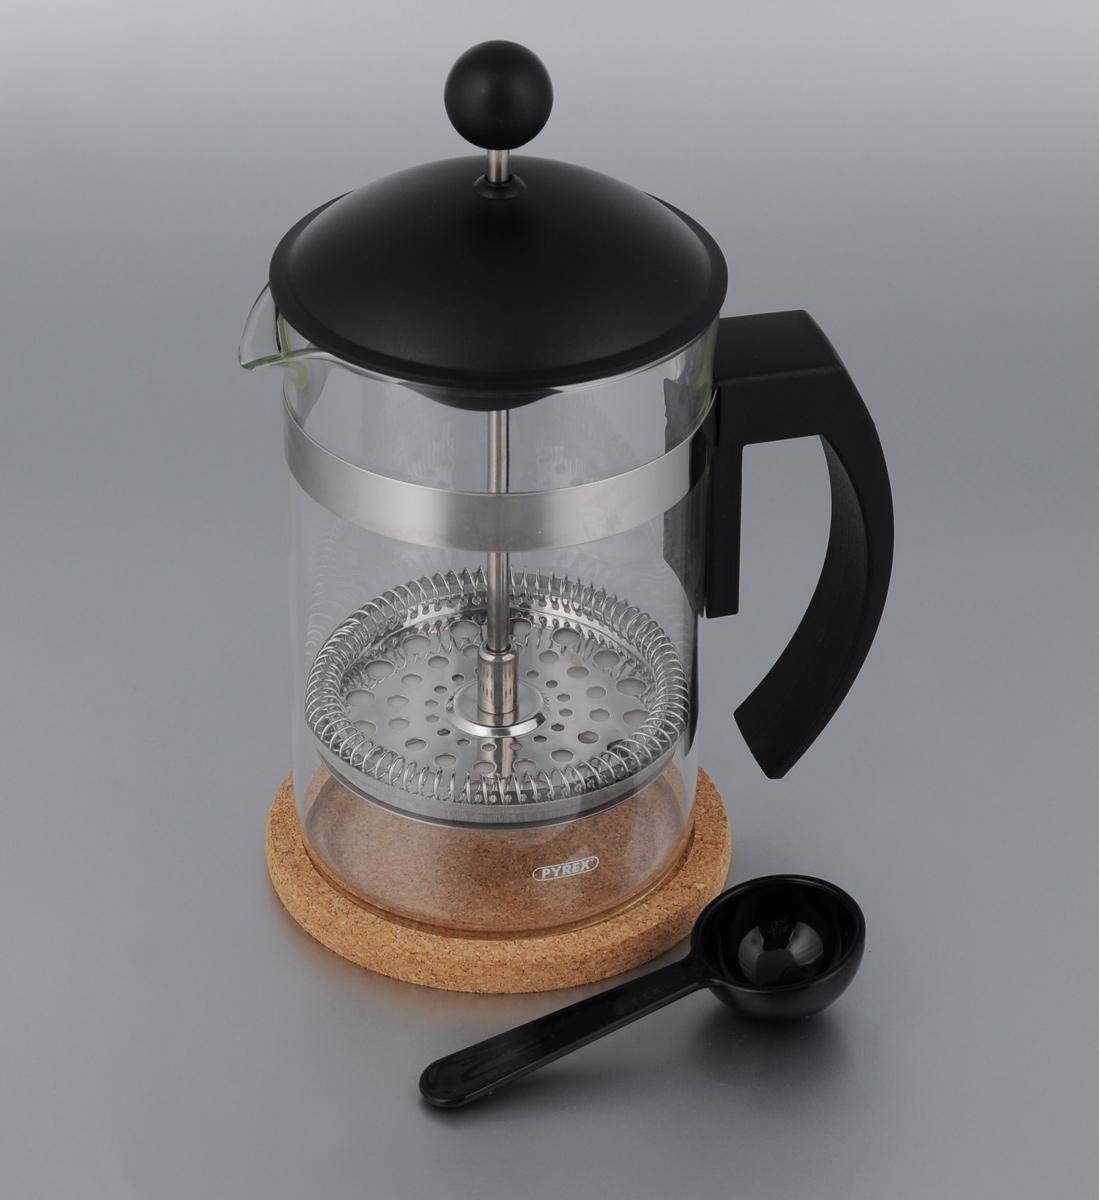 Френч-пресс Vitesse, с мерной ложкой, с подставкой, 850 млVS-1660 NEWФренч-пресс Vitesse поможет вам в приготовлении ароматного кофе или чая. Колба выполнена из термостойкого стекла, что позволяет наблюдать процесс настаивания и заваривания напитка, а также обеспечивает гигиеничность посуды. Внешний корпус, выполненный из нержавеющей стали, долговечен, прочен и устойчив к деформации и образованию царапин. Френч-пресс имеет удобную ручку, носик, а также мерную ложку, выполненную из пластика. Уникальный дизайн полностью соответствует последним модным тенденциям в создании предметов бытовой техники. В комплект входит пробковая подставка, которая обеспечит безопасное использование френч-пресса. Можно использовать в посудомоечной машине. Высота френч-пресса (без учета крышки): 15,5 см. Диаметр основания: 9 см. Диаметр (по верхнему краю): 9,5 см. Объем кофеварки: 850 мл. Длина ложки: 11 см. Размер подставки: 11 х 11 х 0,9 см.